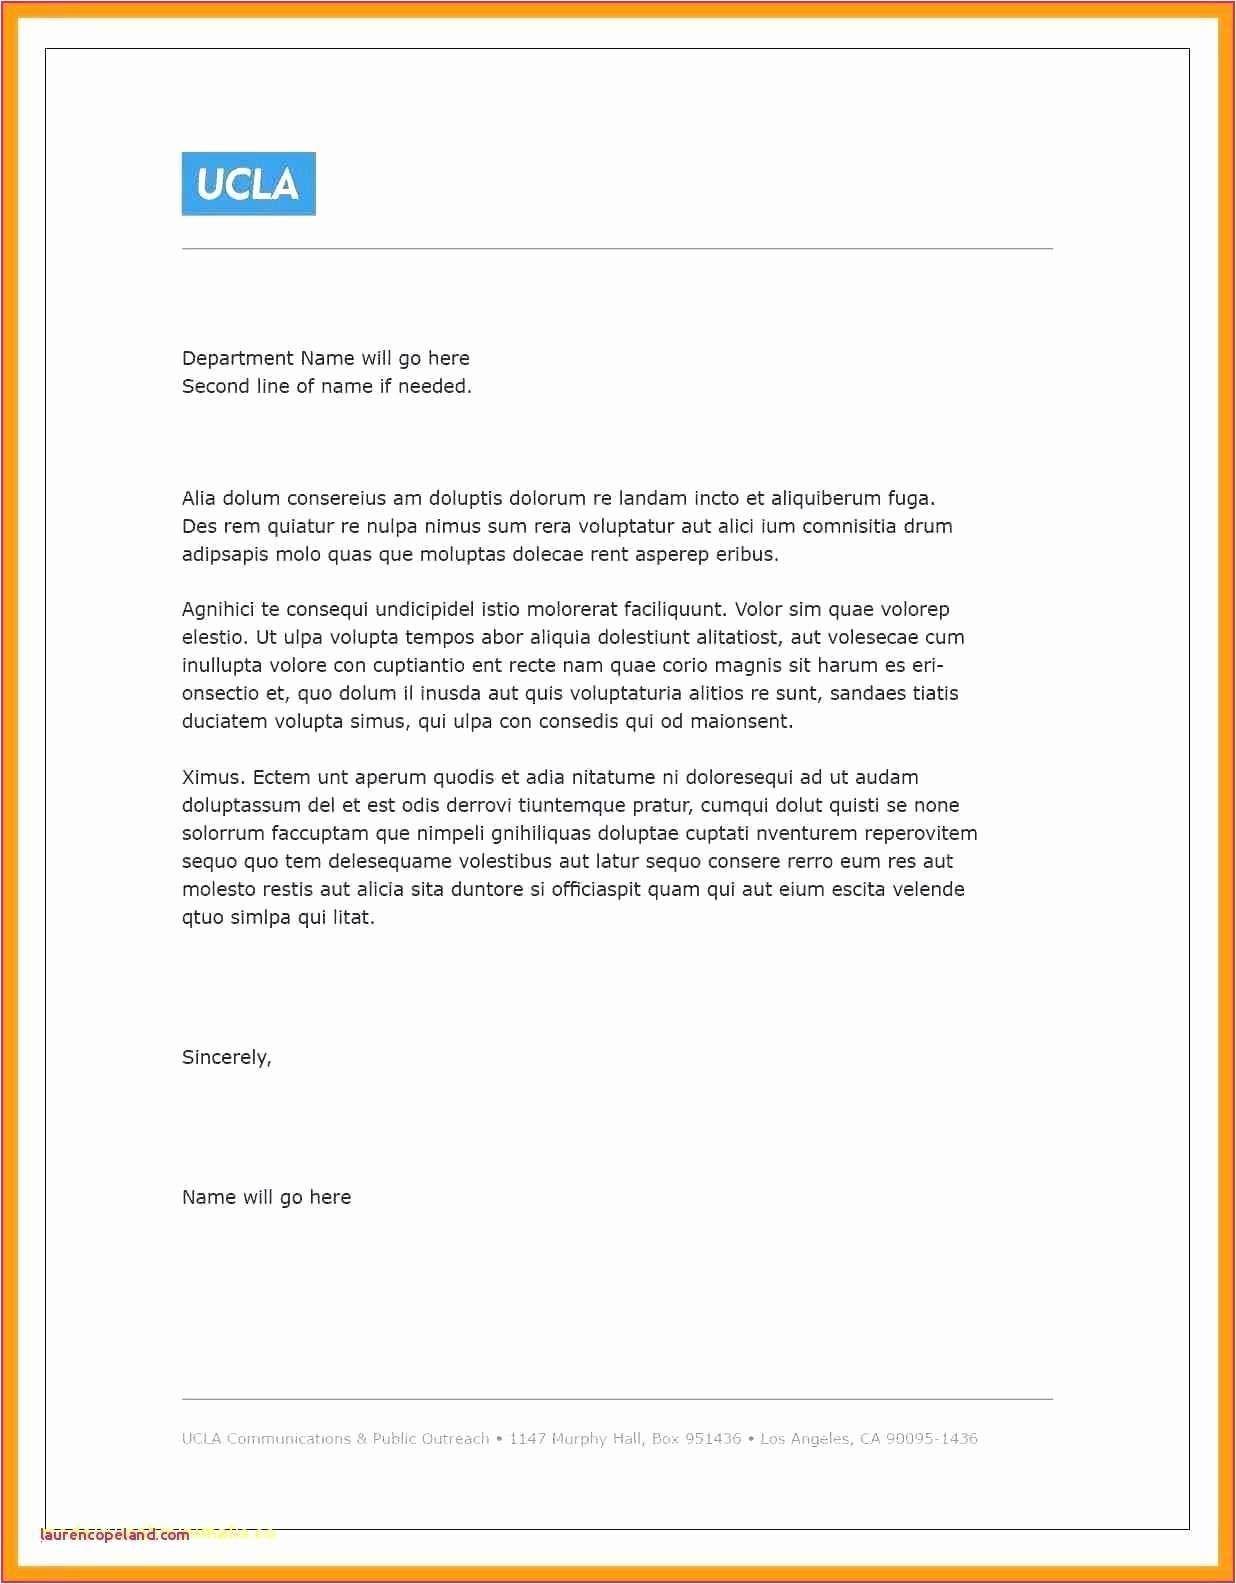 Qualifiziert Bewerbungsschreiben Vorlage Ausbildung Briefvorlage Word Lebenslauf Muster Briefvorlagen